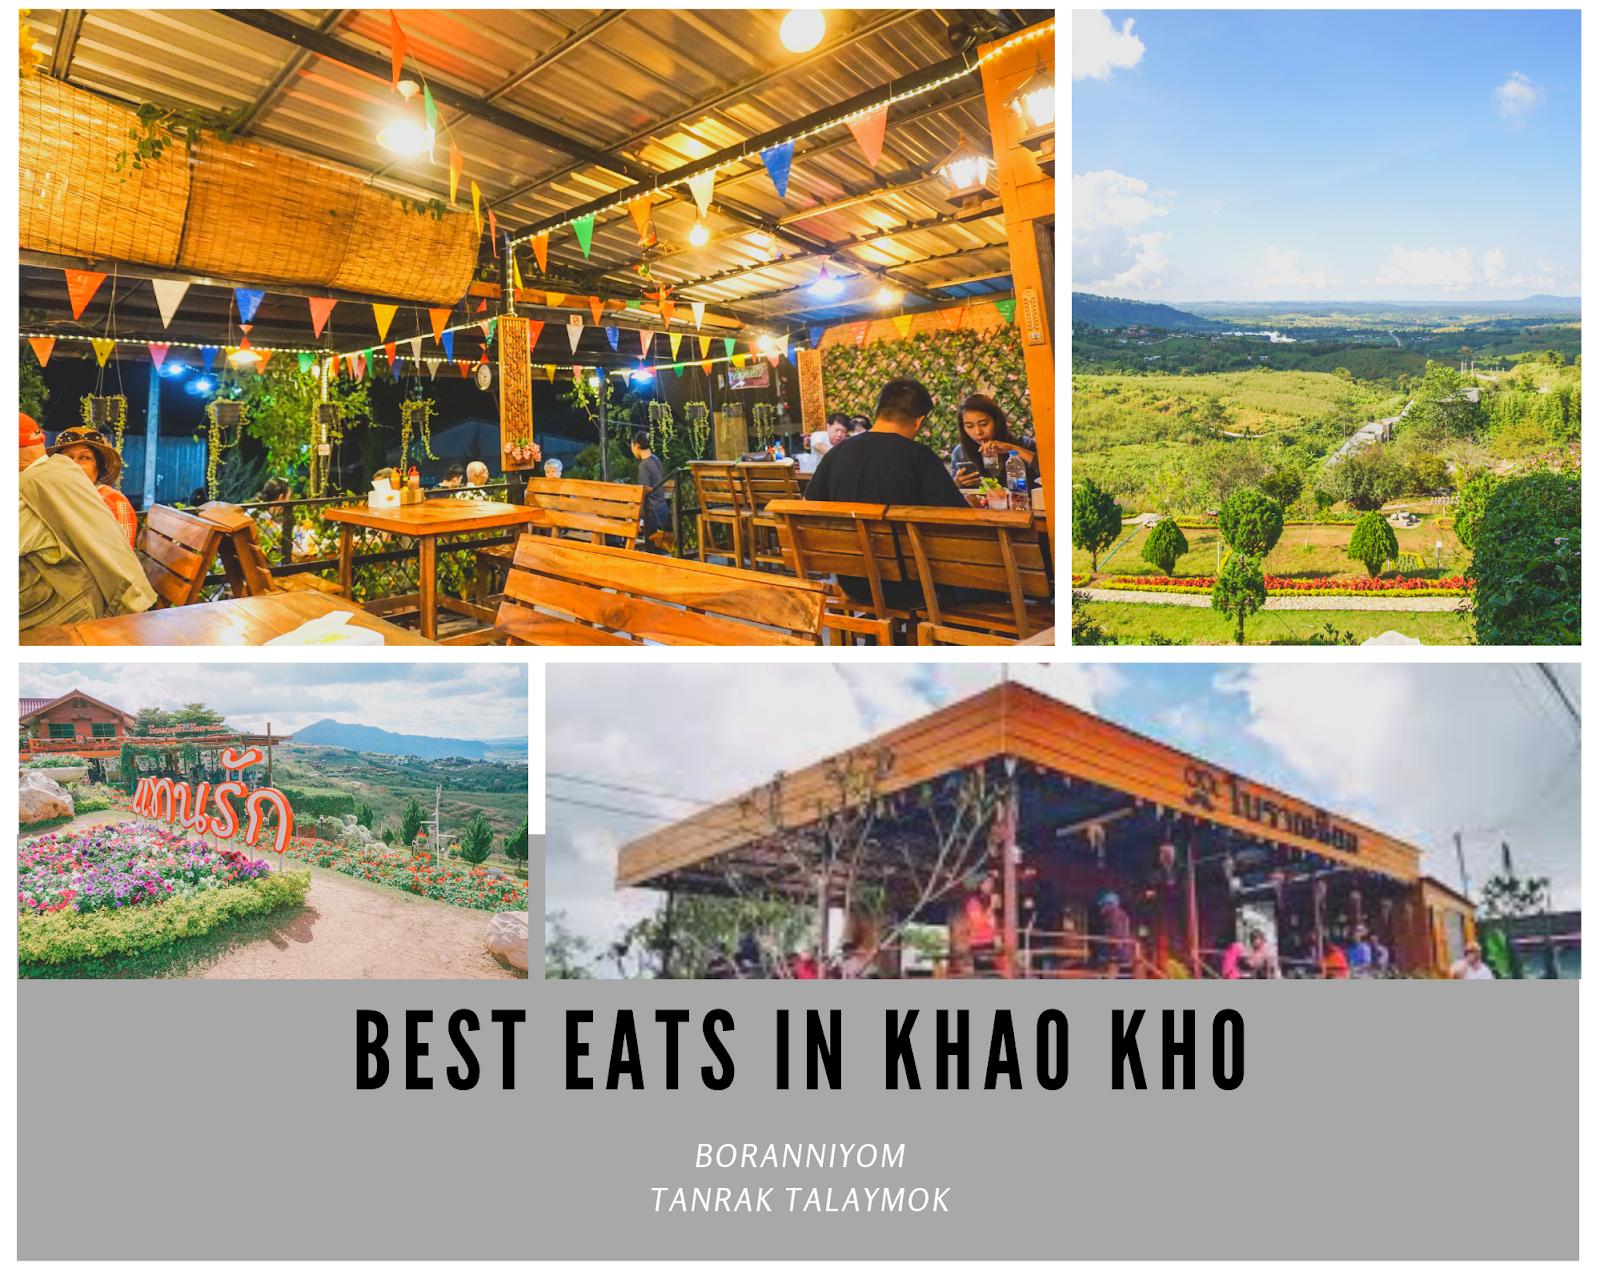 Best Eats In Khao Kho Boranniyom Restaurant Tanrak